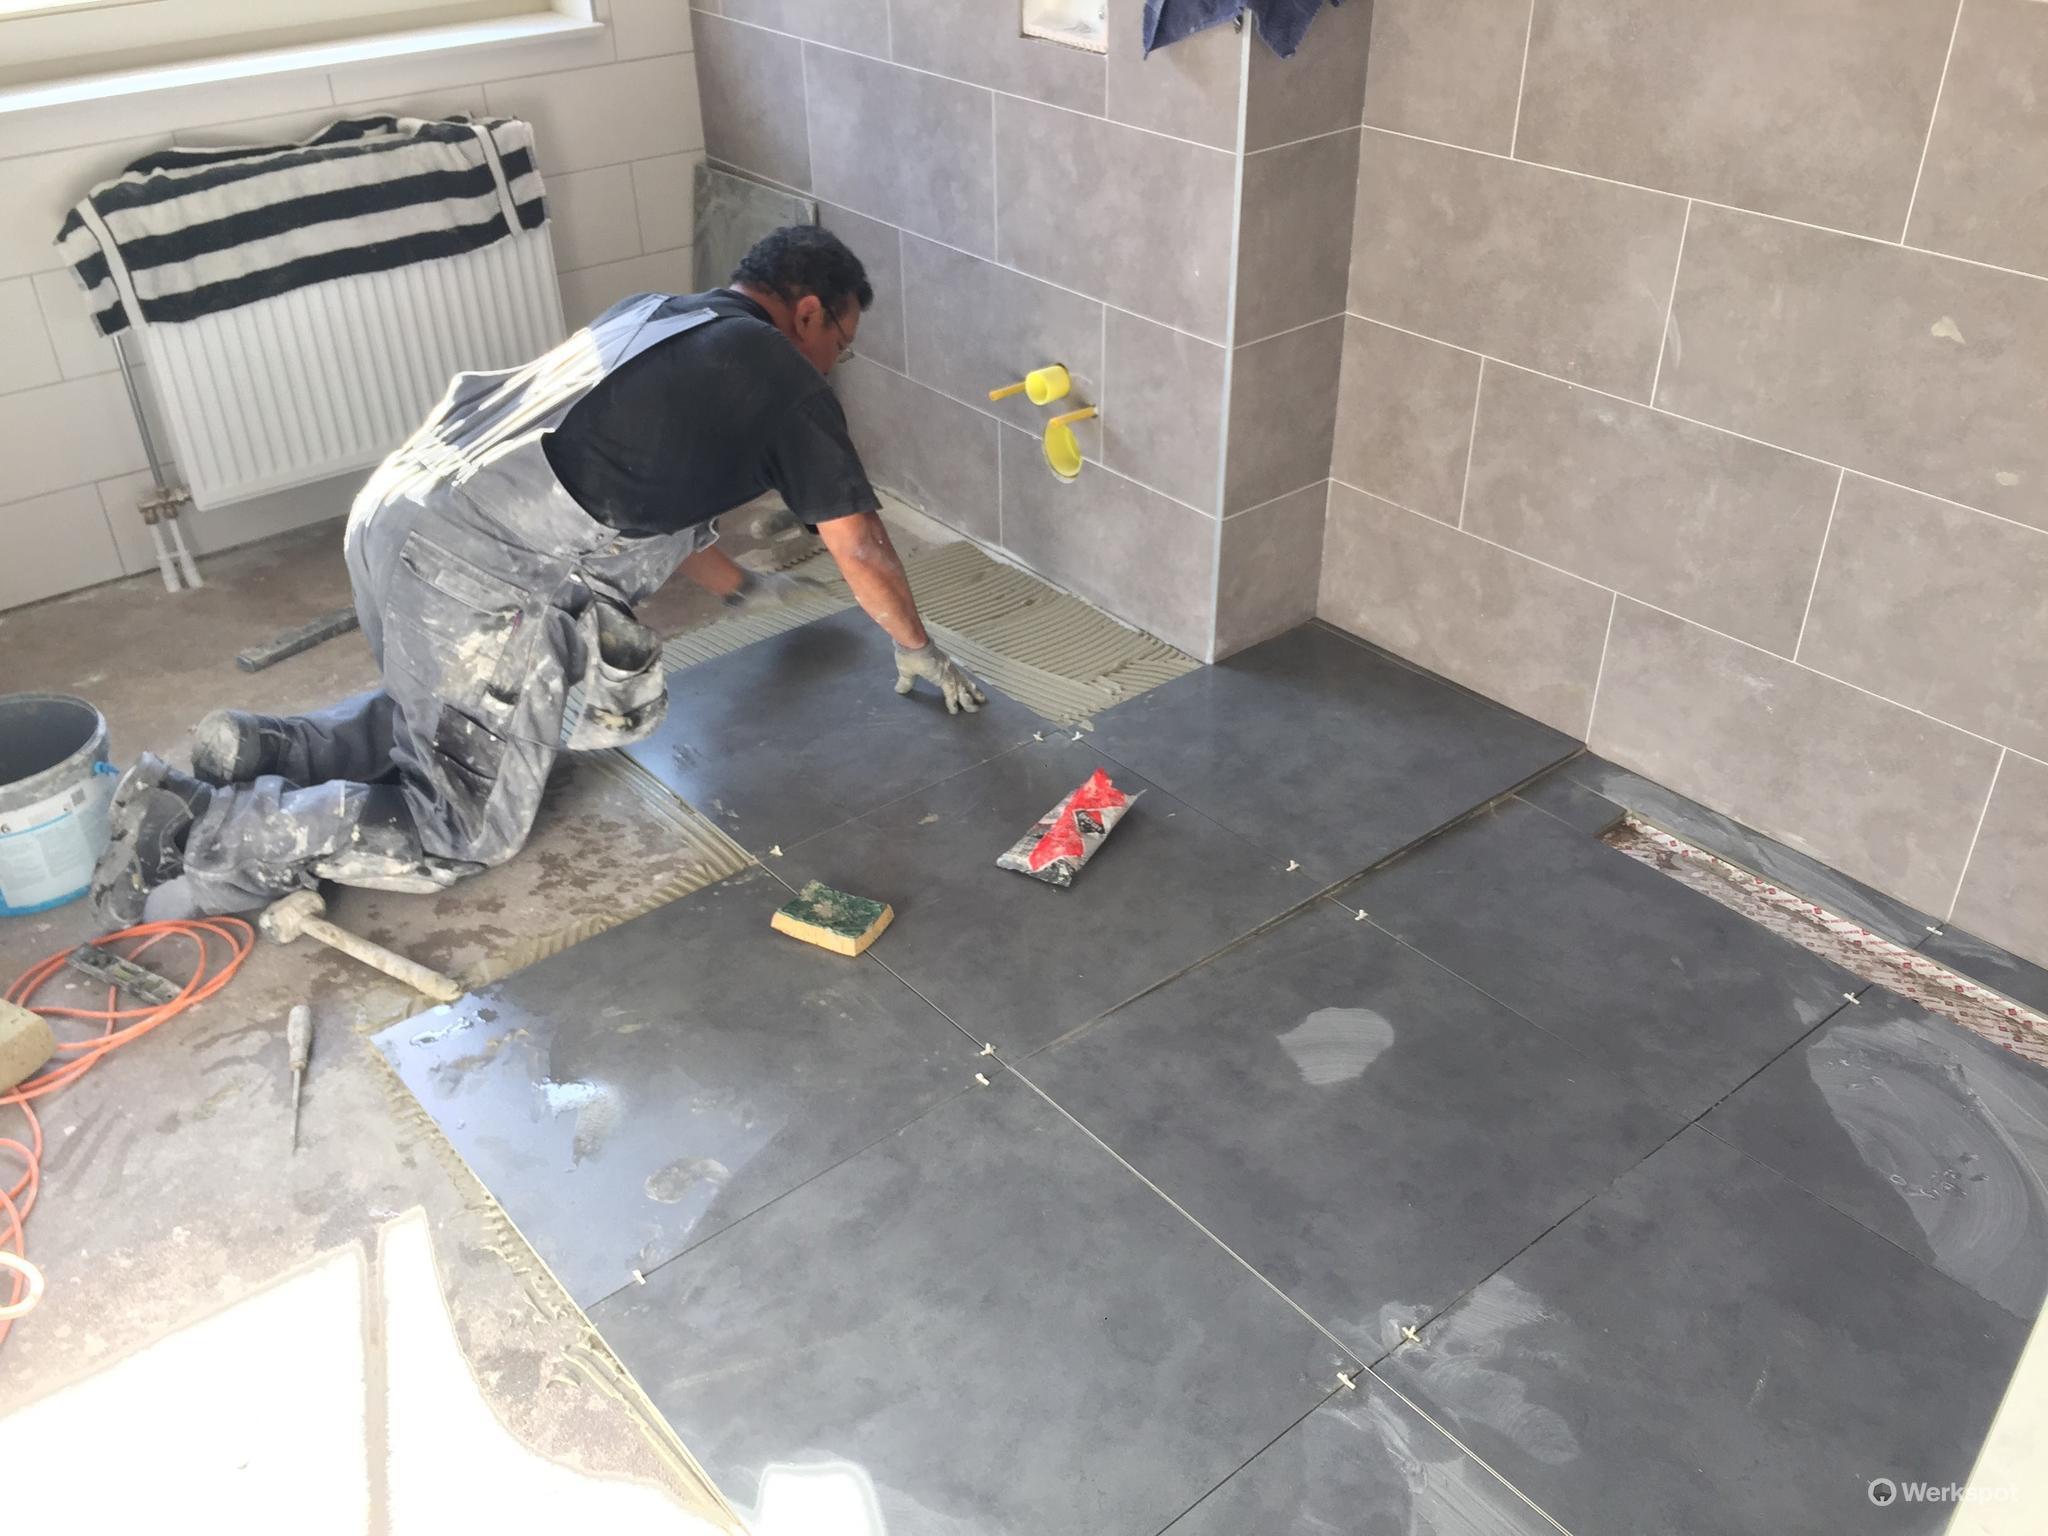 Tegels Badkamer Zeewolde : Nieuwbouw badkamer tegels zetten en sanitair aansluiten werkspot